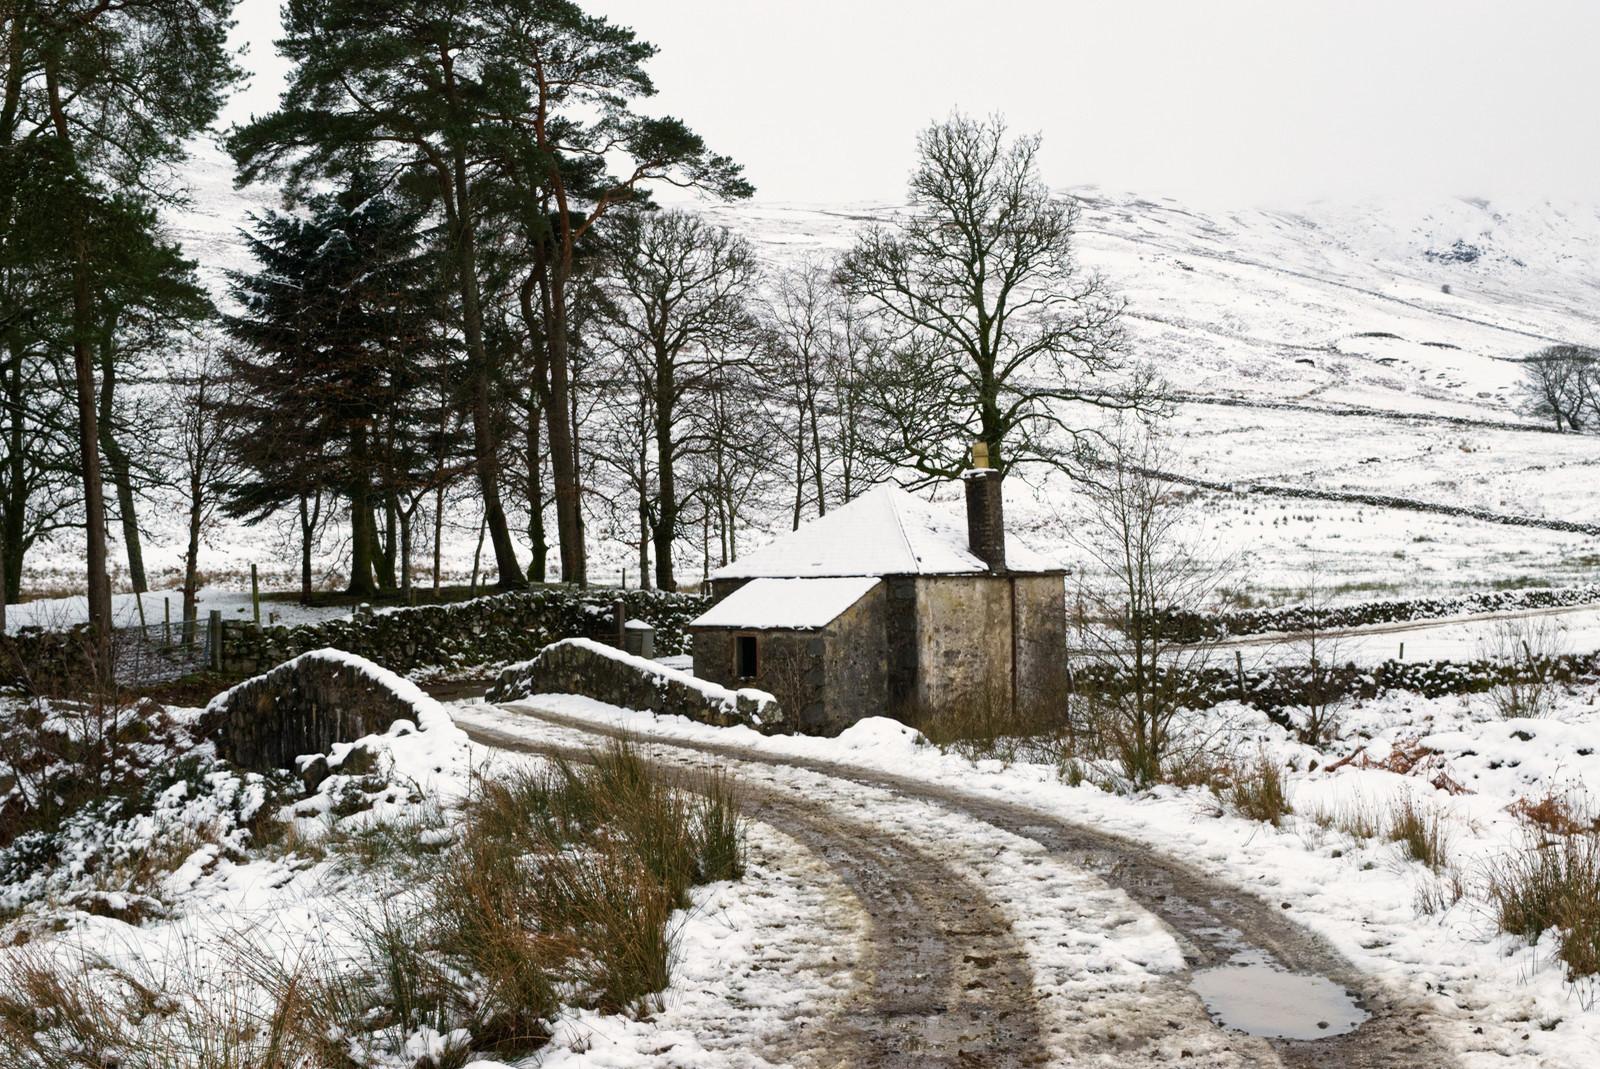 Derelict School House - J Harkness